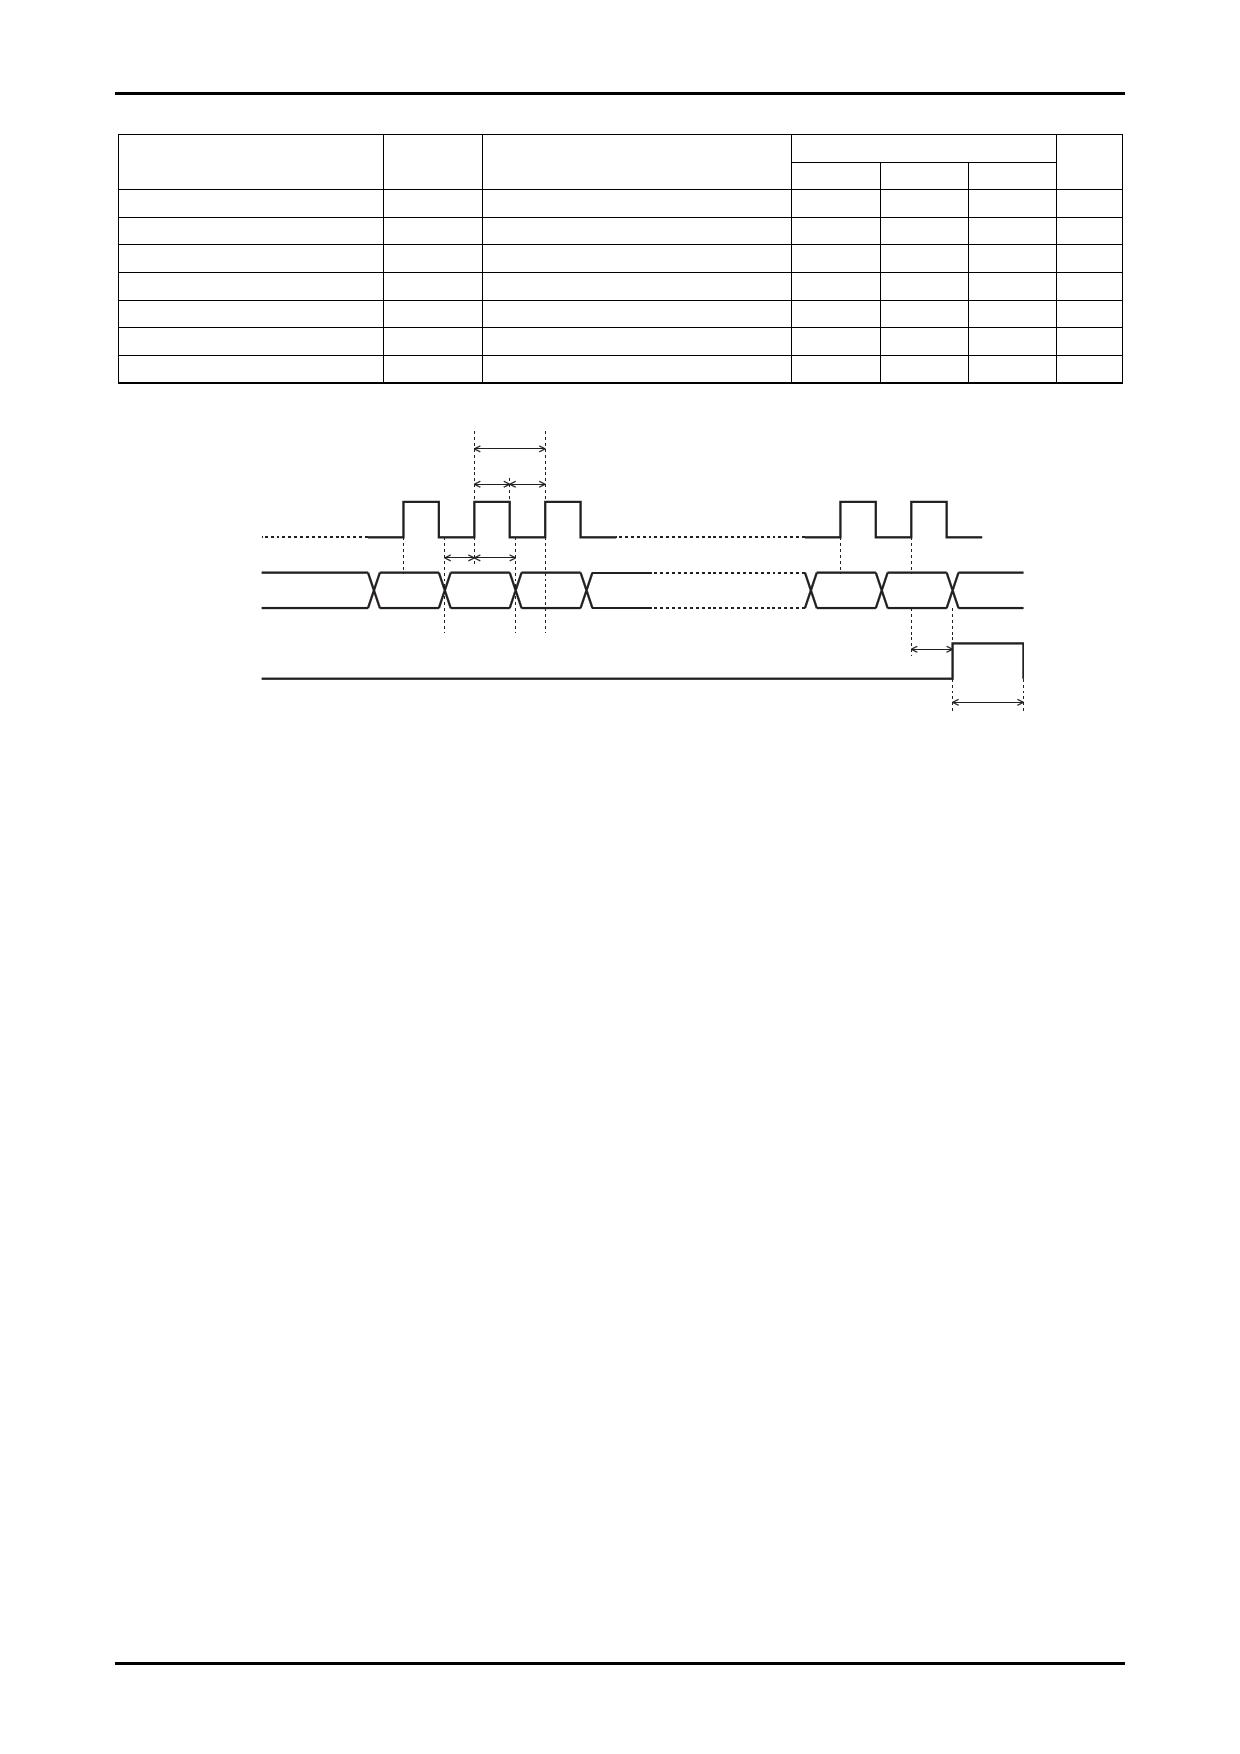 LB11946 pdf, ピン配列